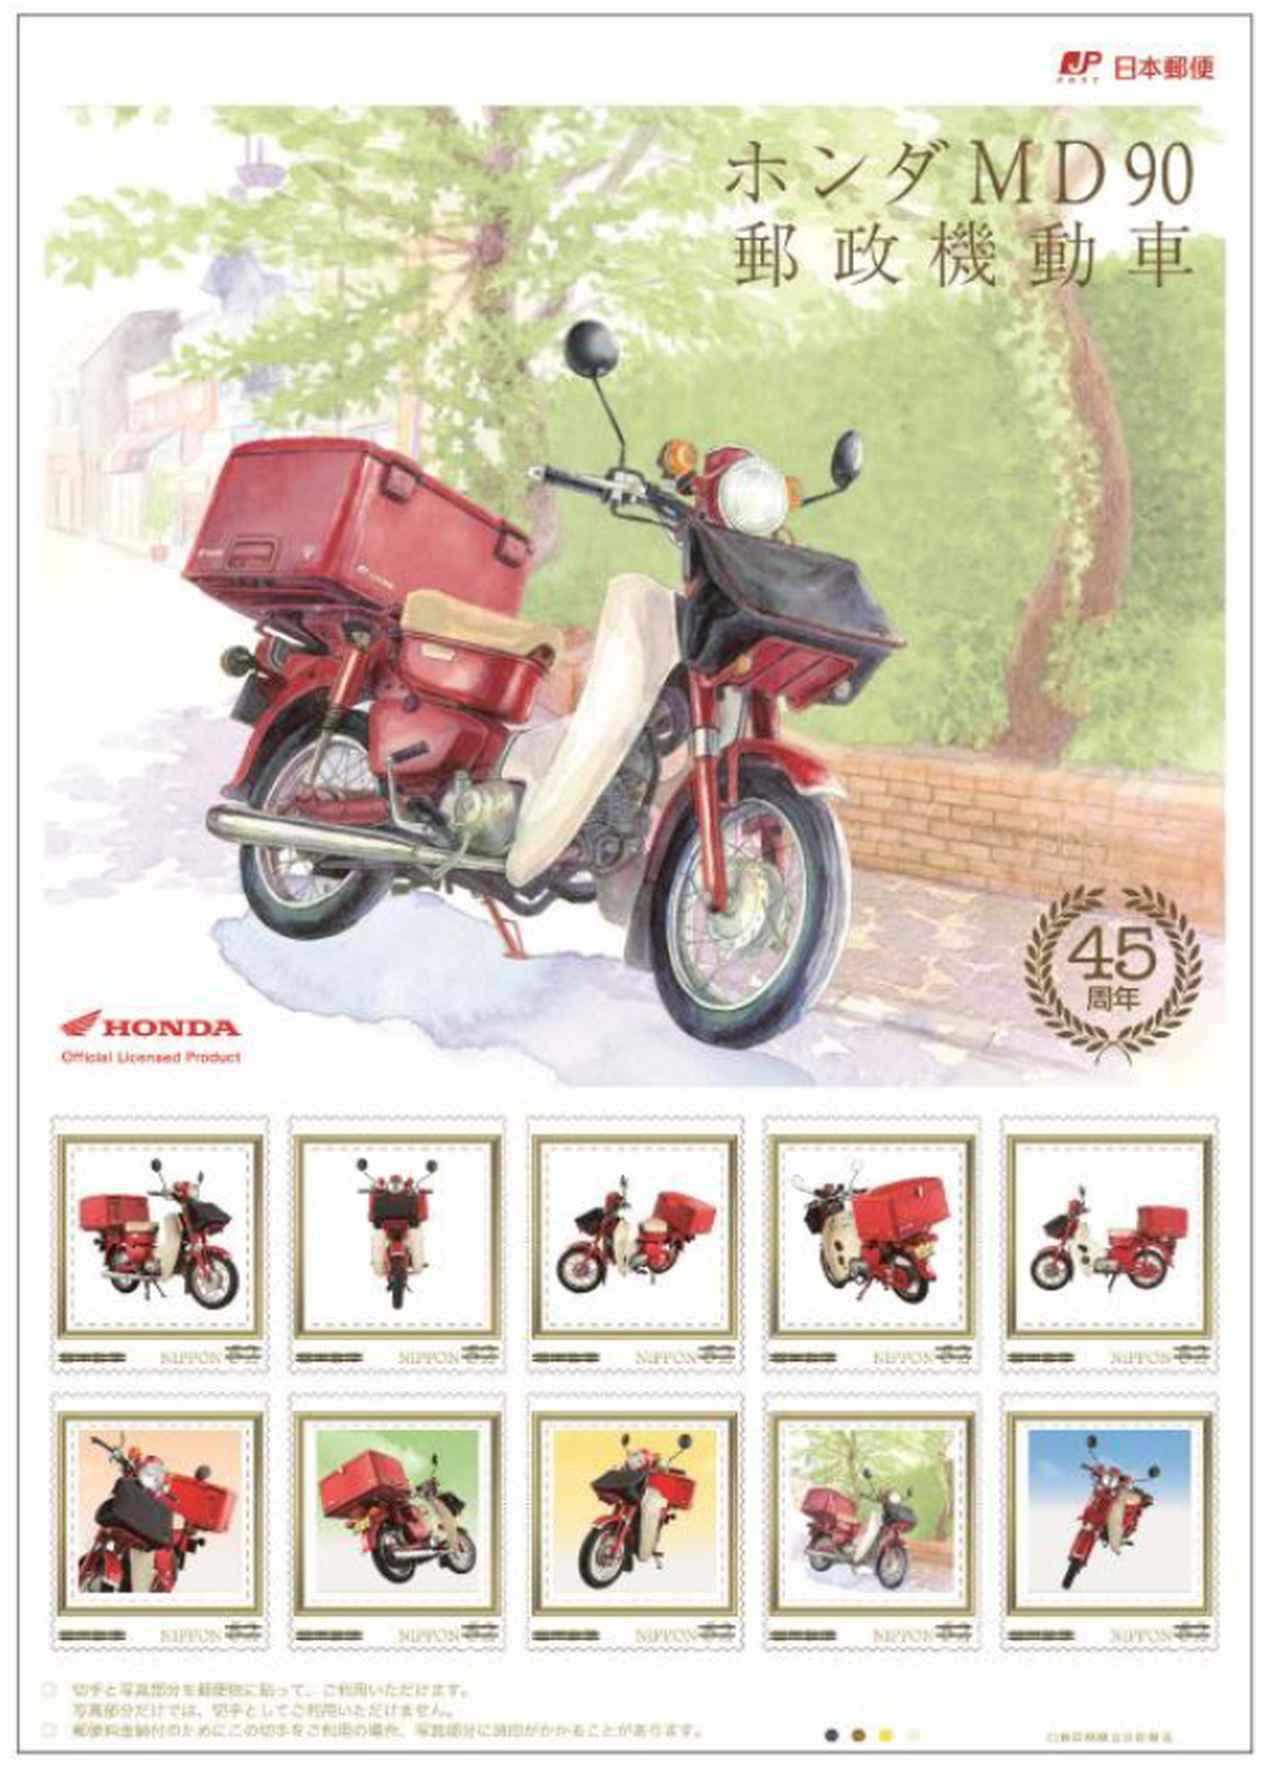 画像: 日本全国を走り続けて45周年!ホンダMD90郵政機動車のミニチュアモデル付きフレーム切手セット - webオートバイ